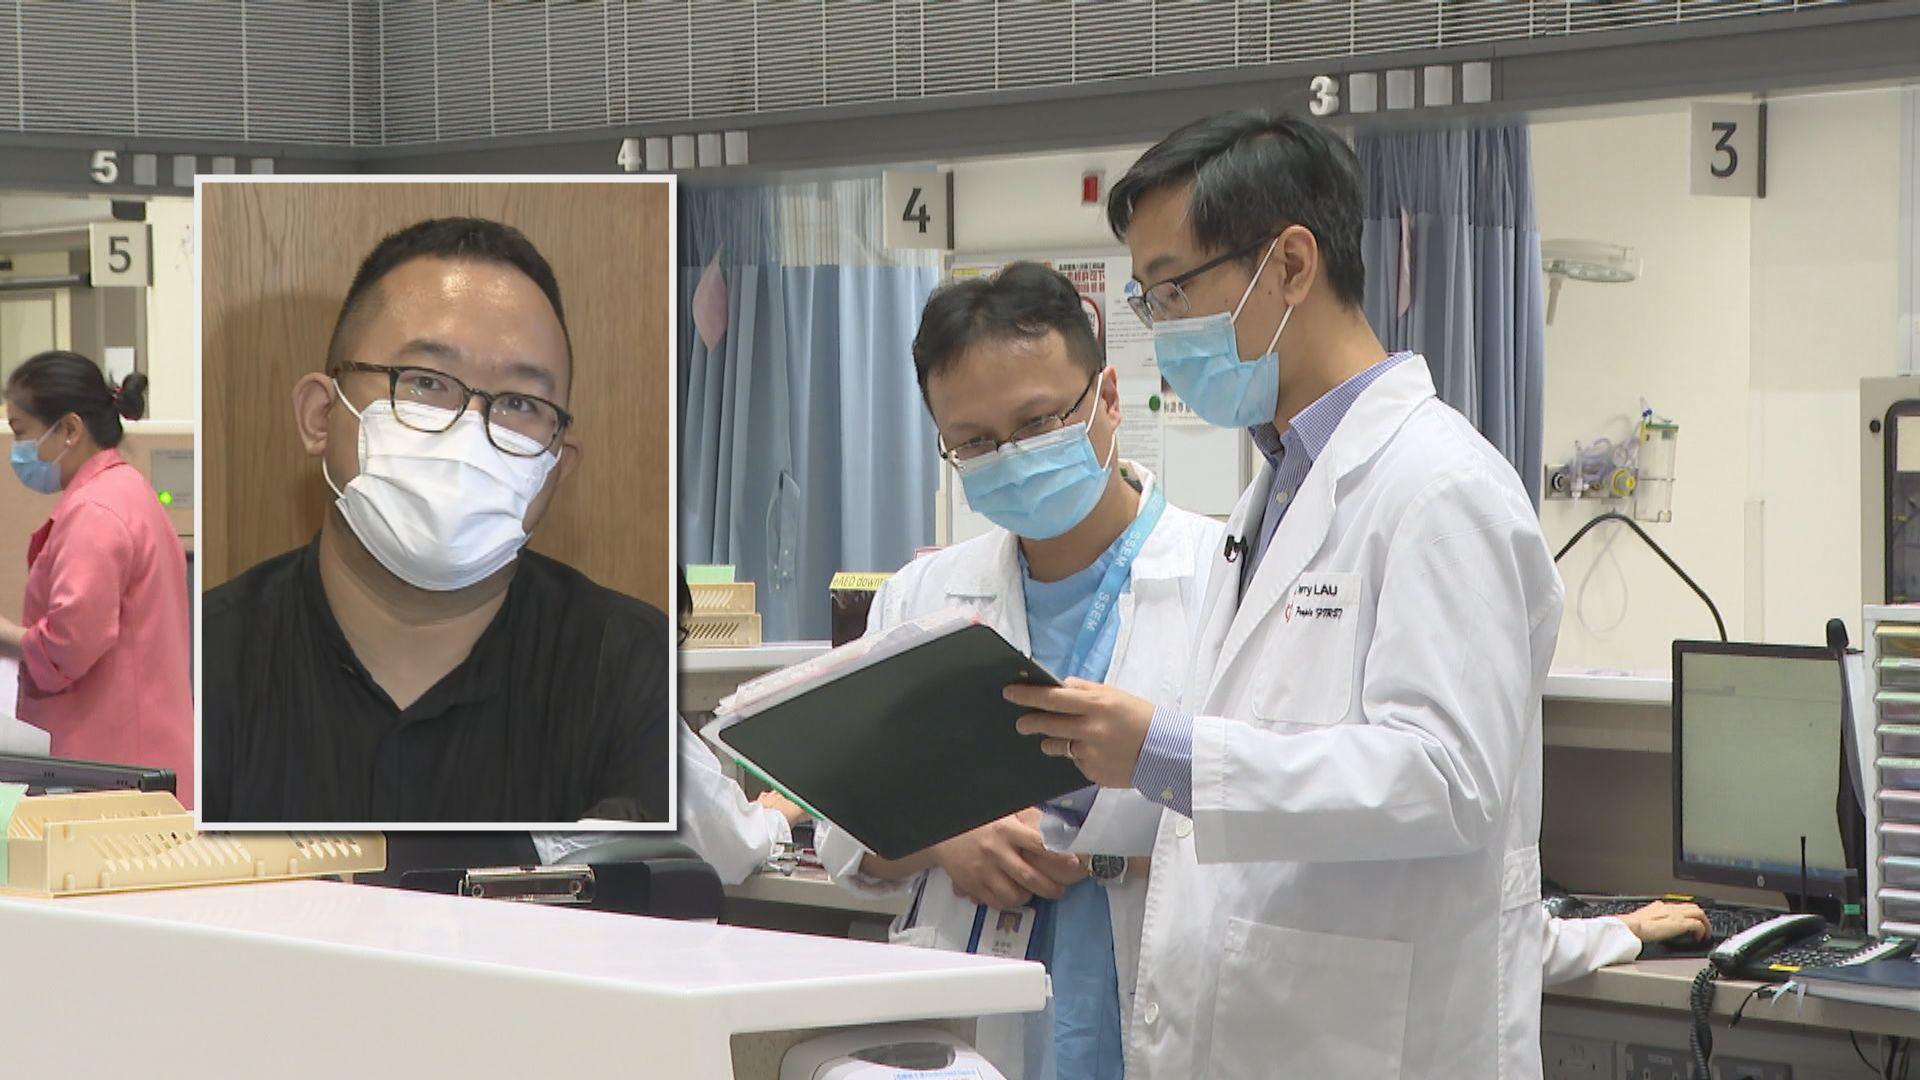 公共醫療醫生協會質疑醫管局延長退休年齡成效